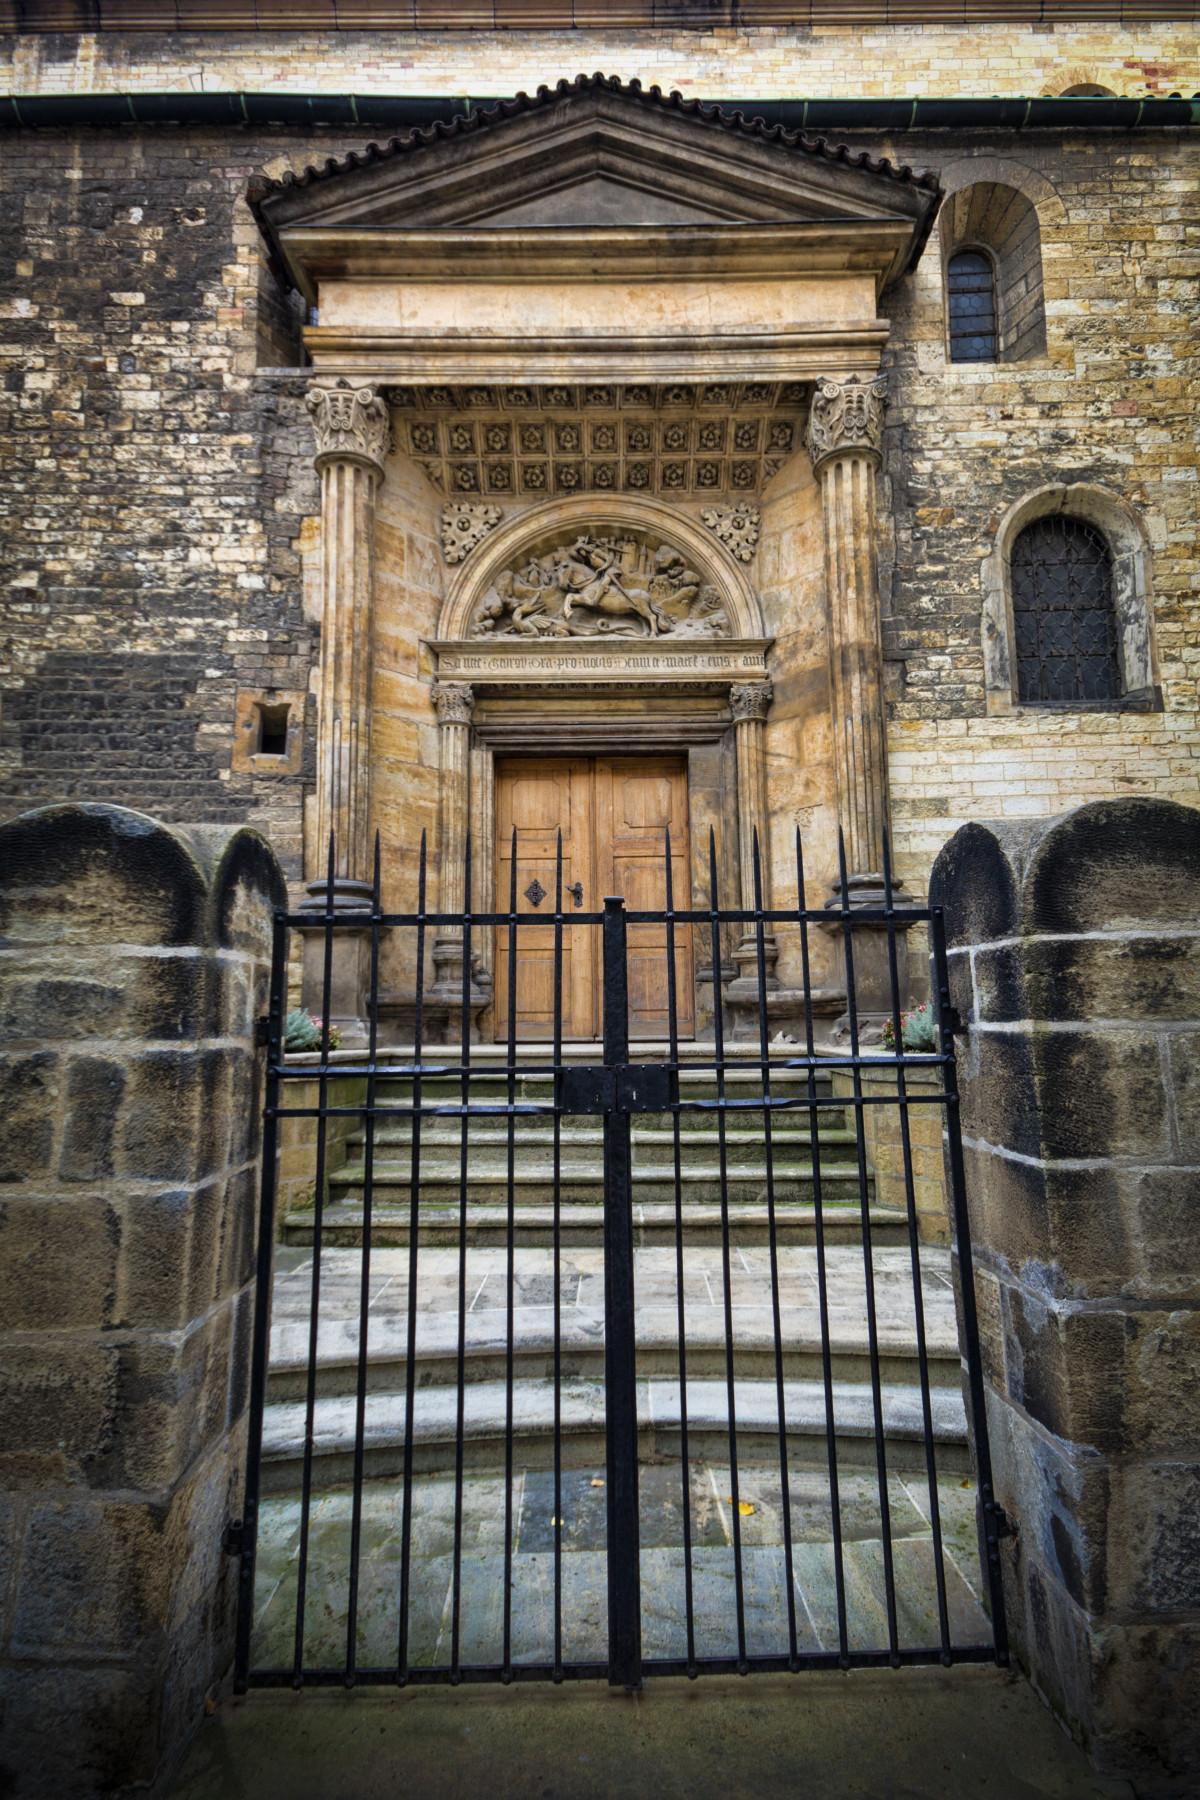 Images Gratuites : architecture, bois, fenêtre, cambre, façade, chapelle, Prague, synagogue